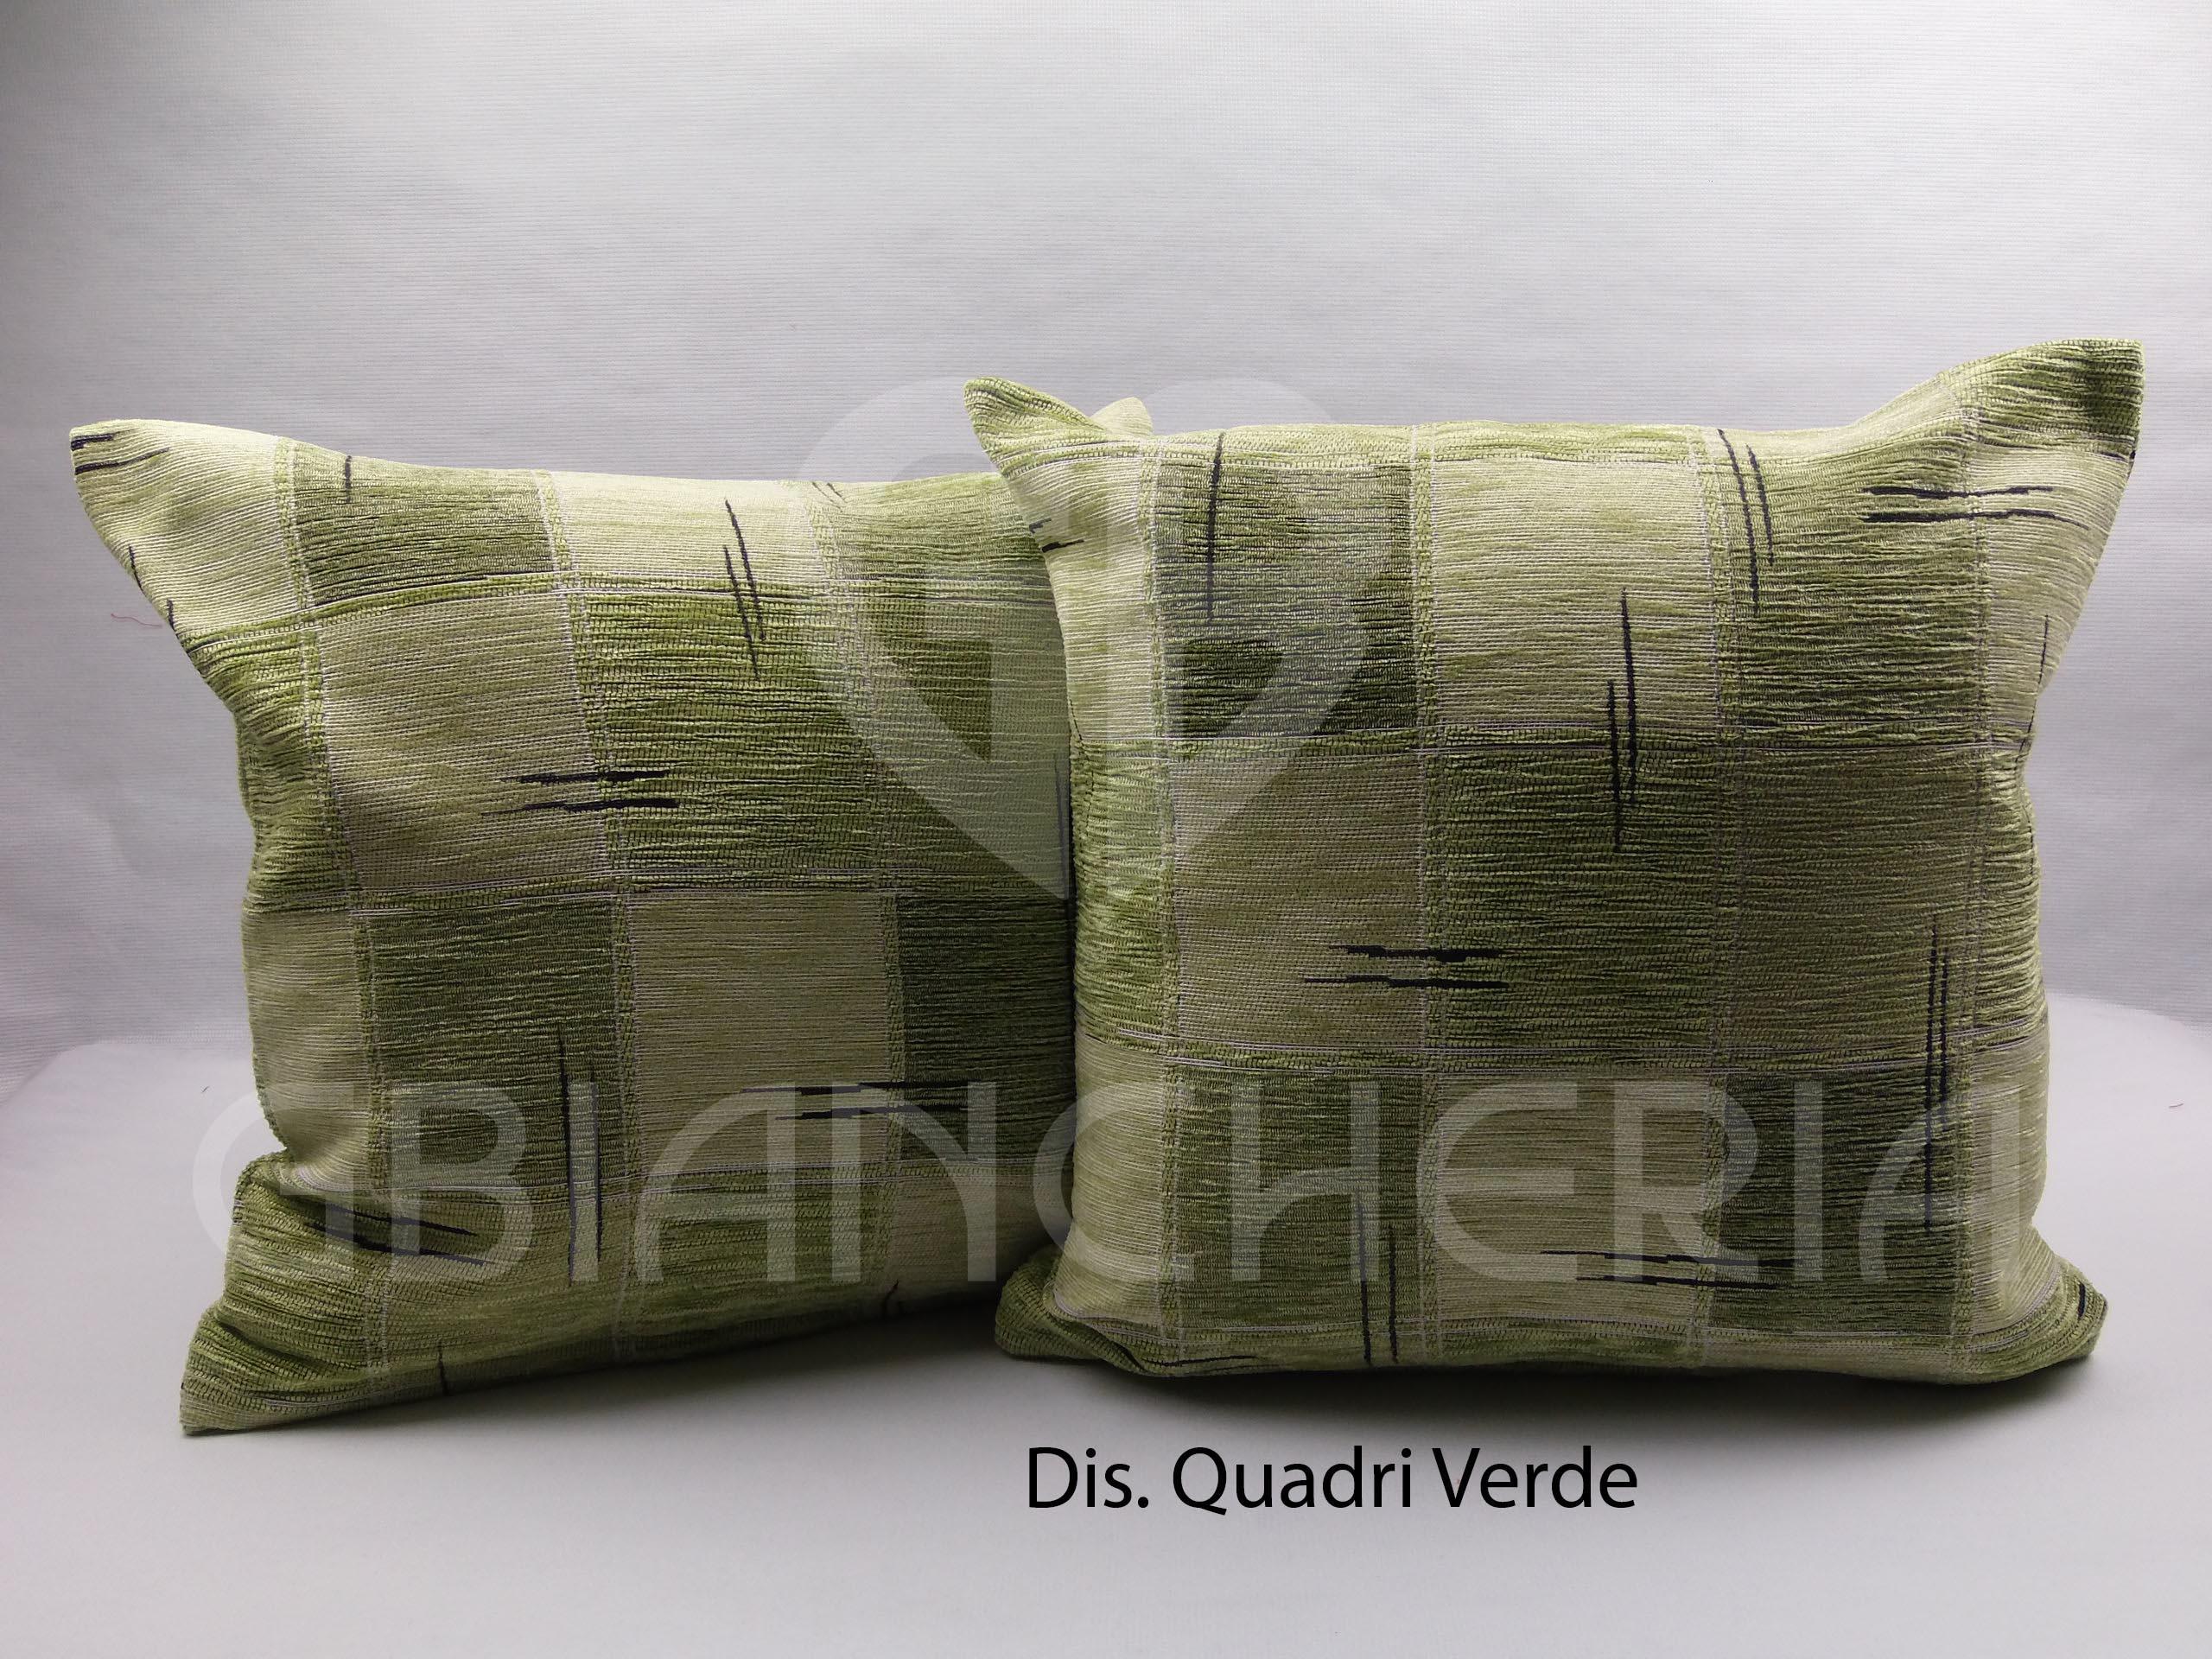 Cuscini Verdi.Fodere Cuscini Cinigliate A Quadri Verdi Gbiancheria